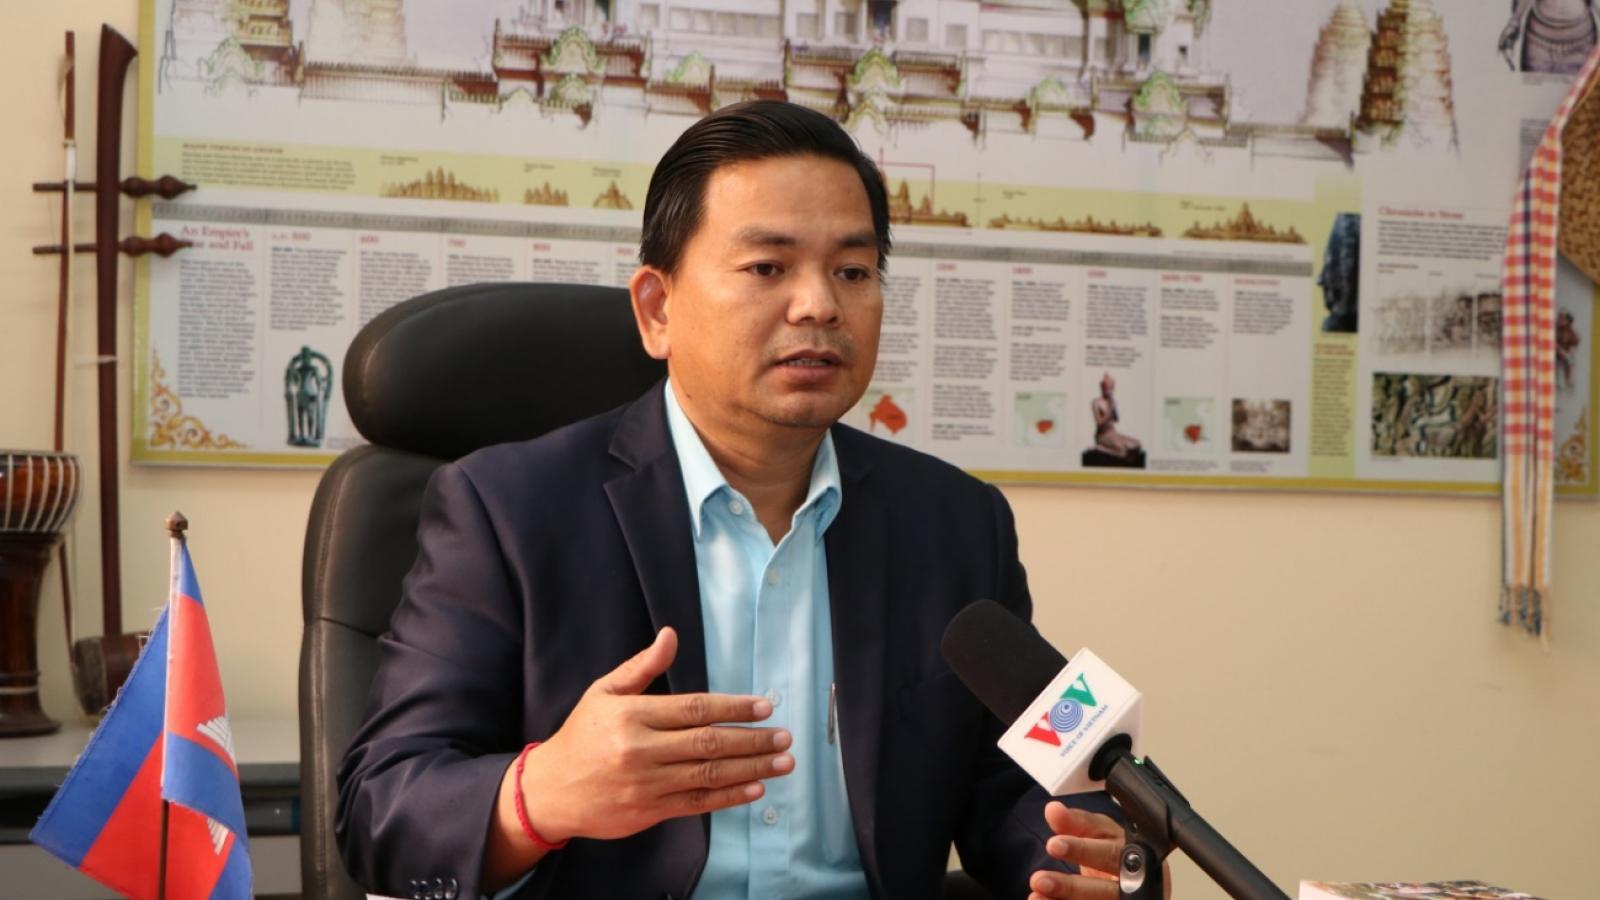 Việt Nam giữ vai trò ngày càng quan trọng trong ASEAN